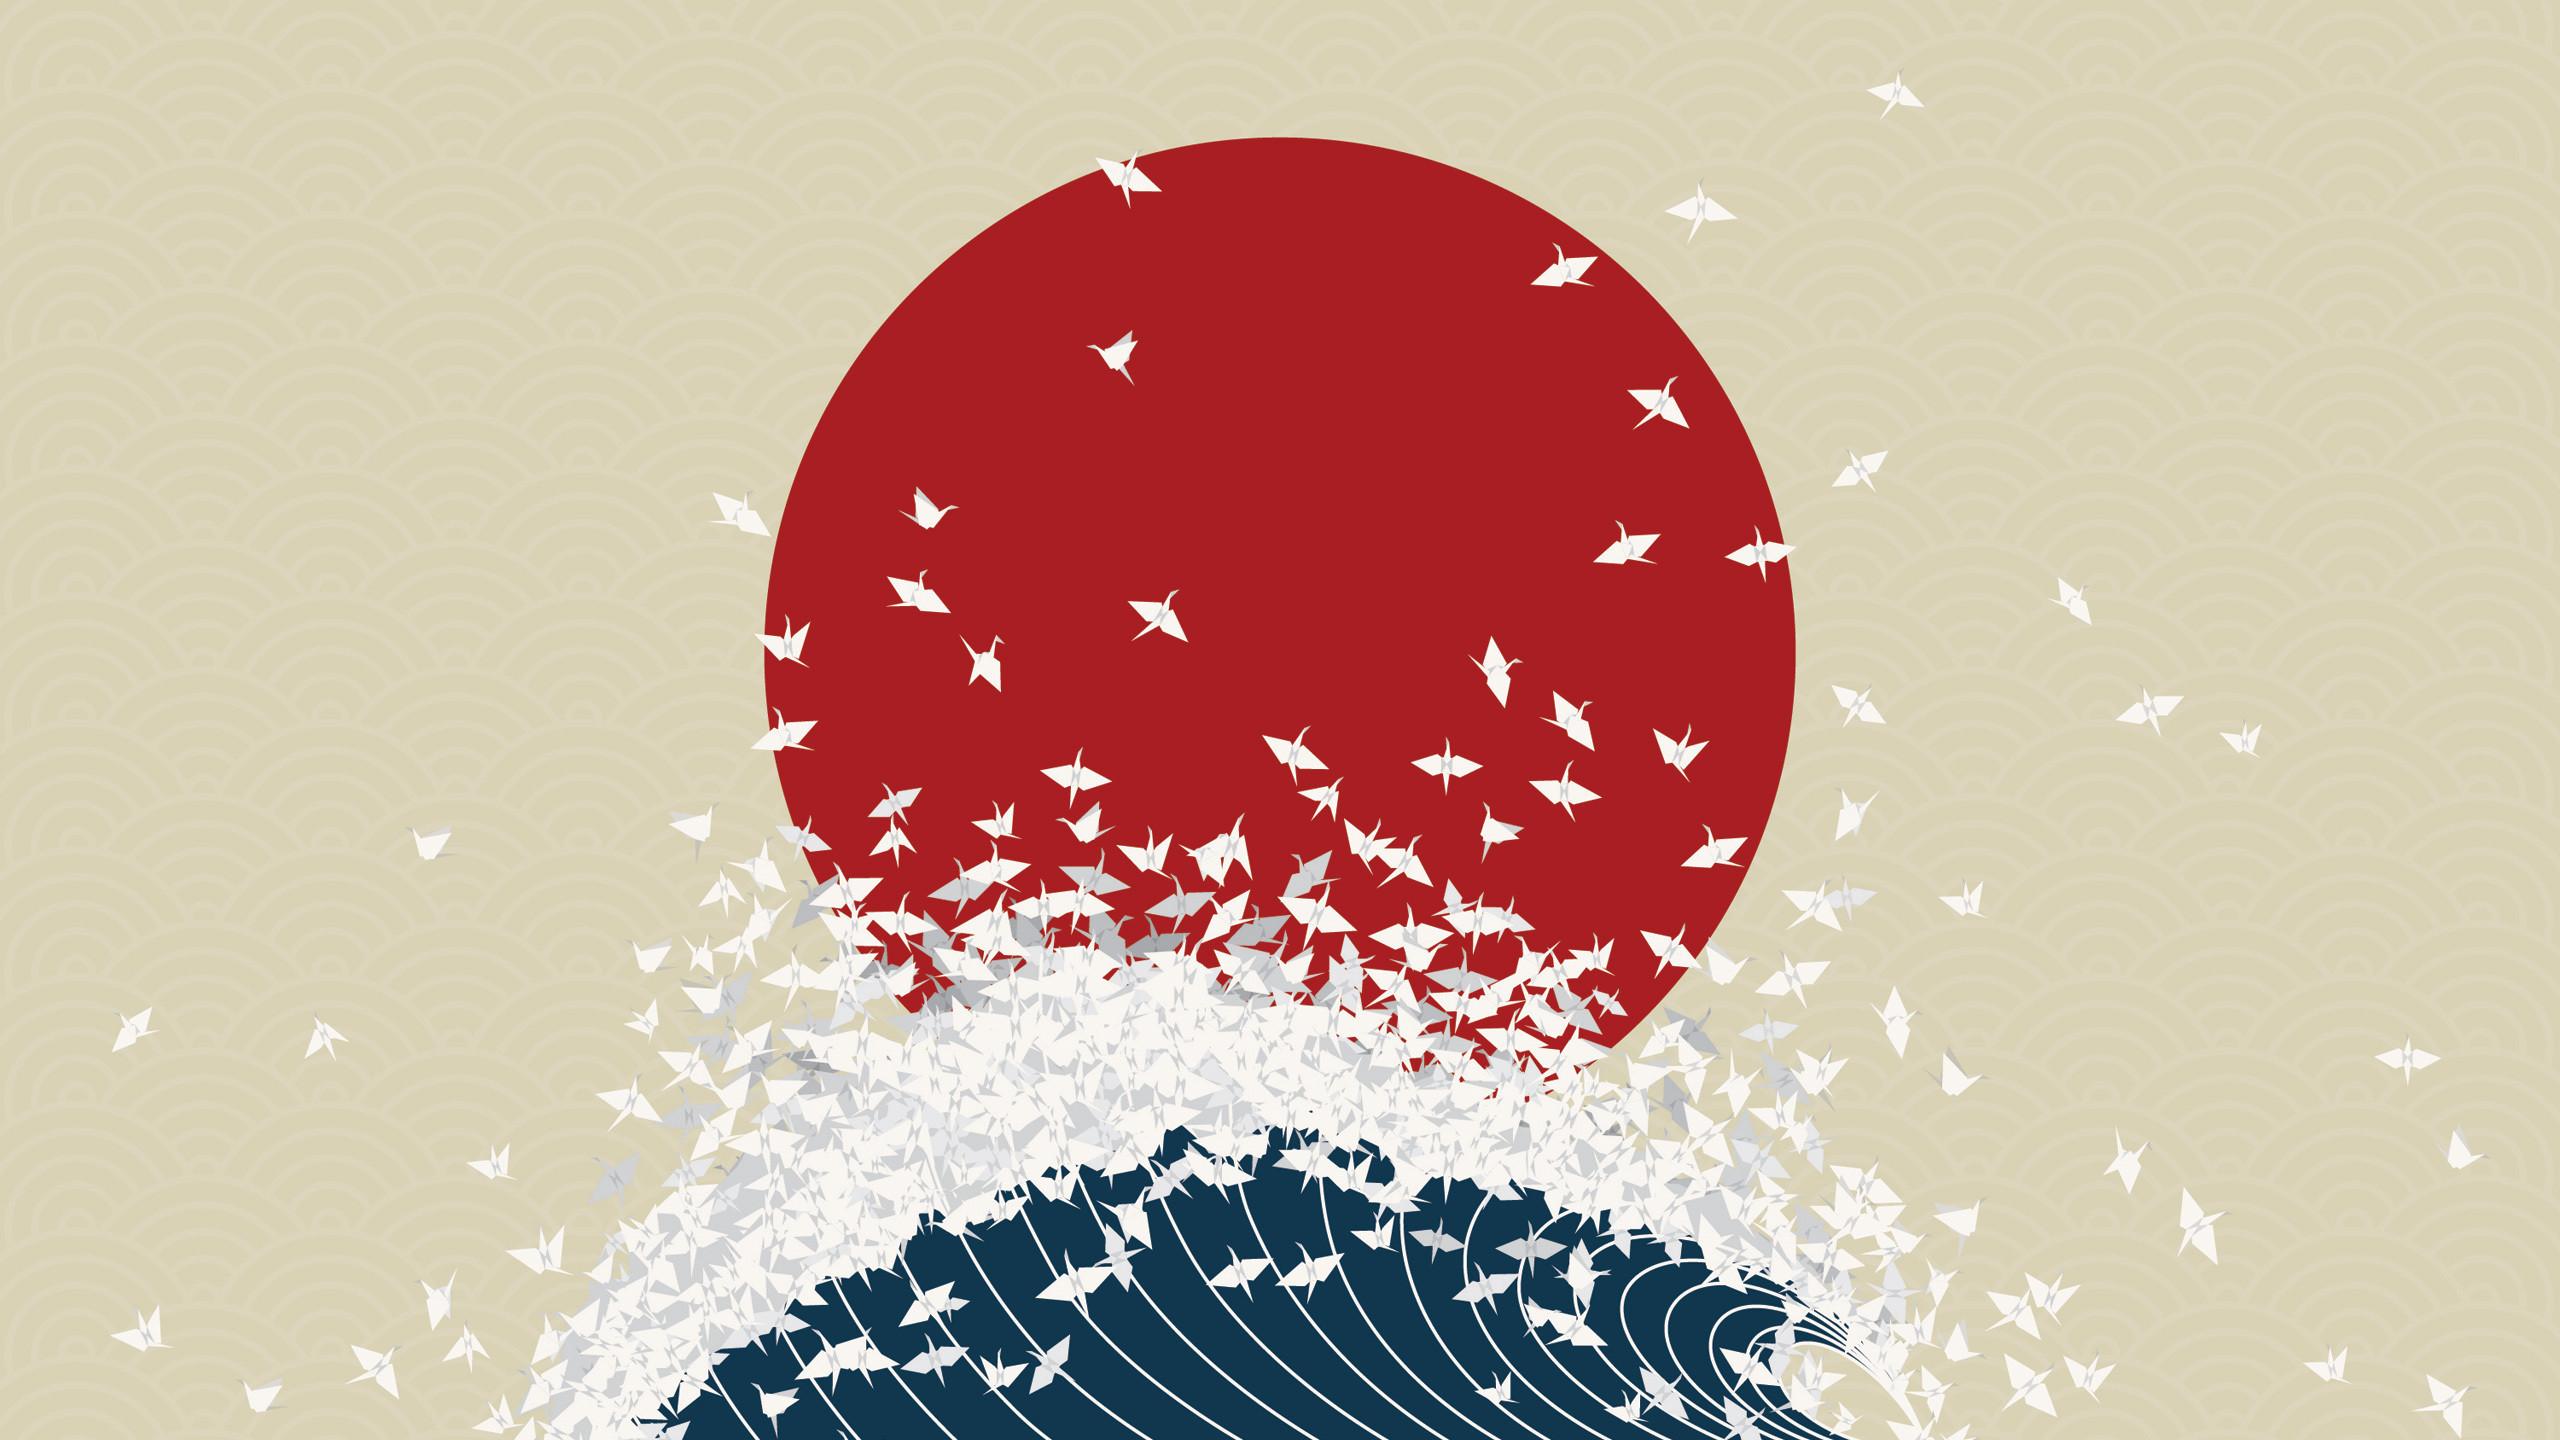 Must see Wallpaper Mac Art - 471886-vertical-japanese-art-wallpaper-2560x1440-for-mac  Snapshot_452690.jpg